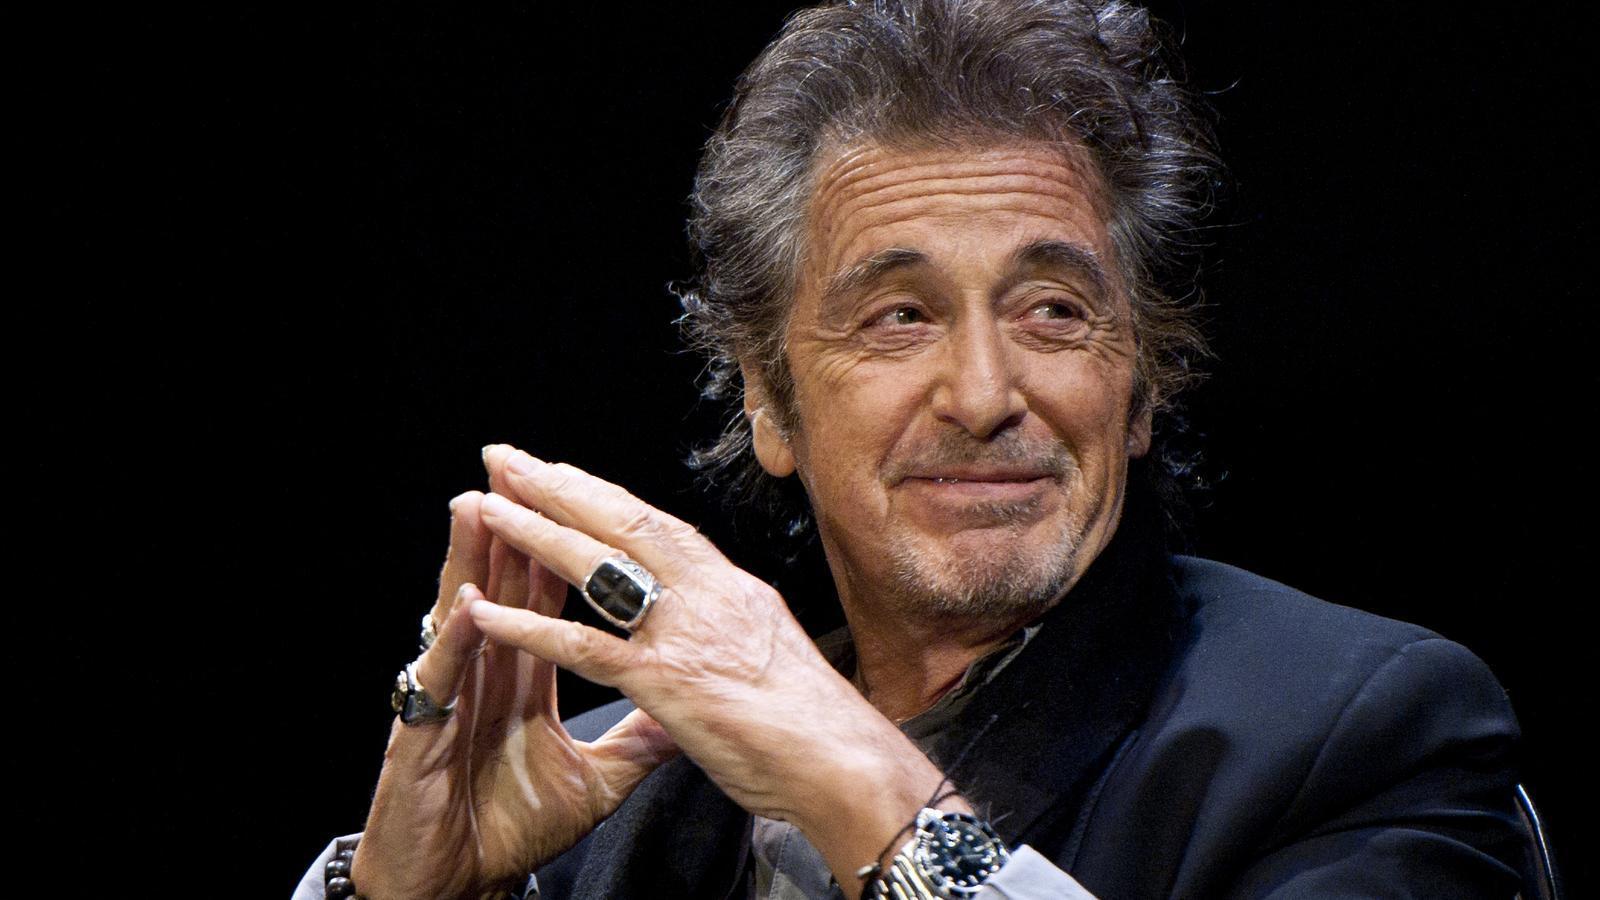 Al Pacino protagonitzarà la sèrie d'Amazon 'The hunt'